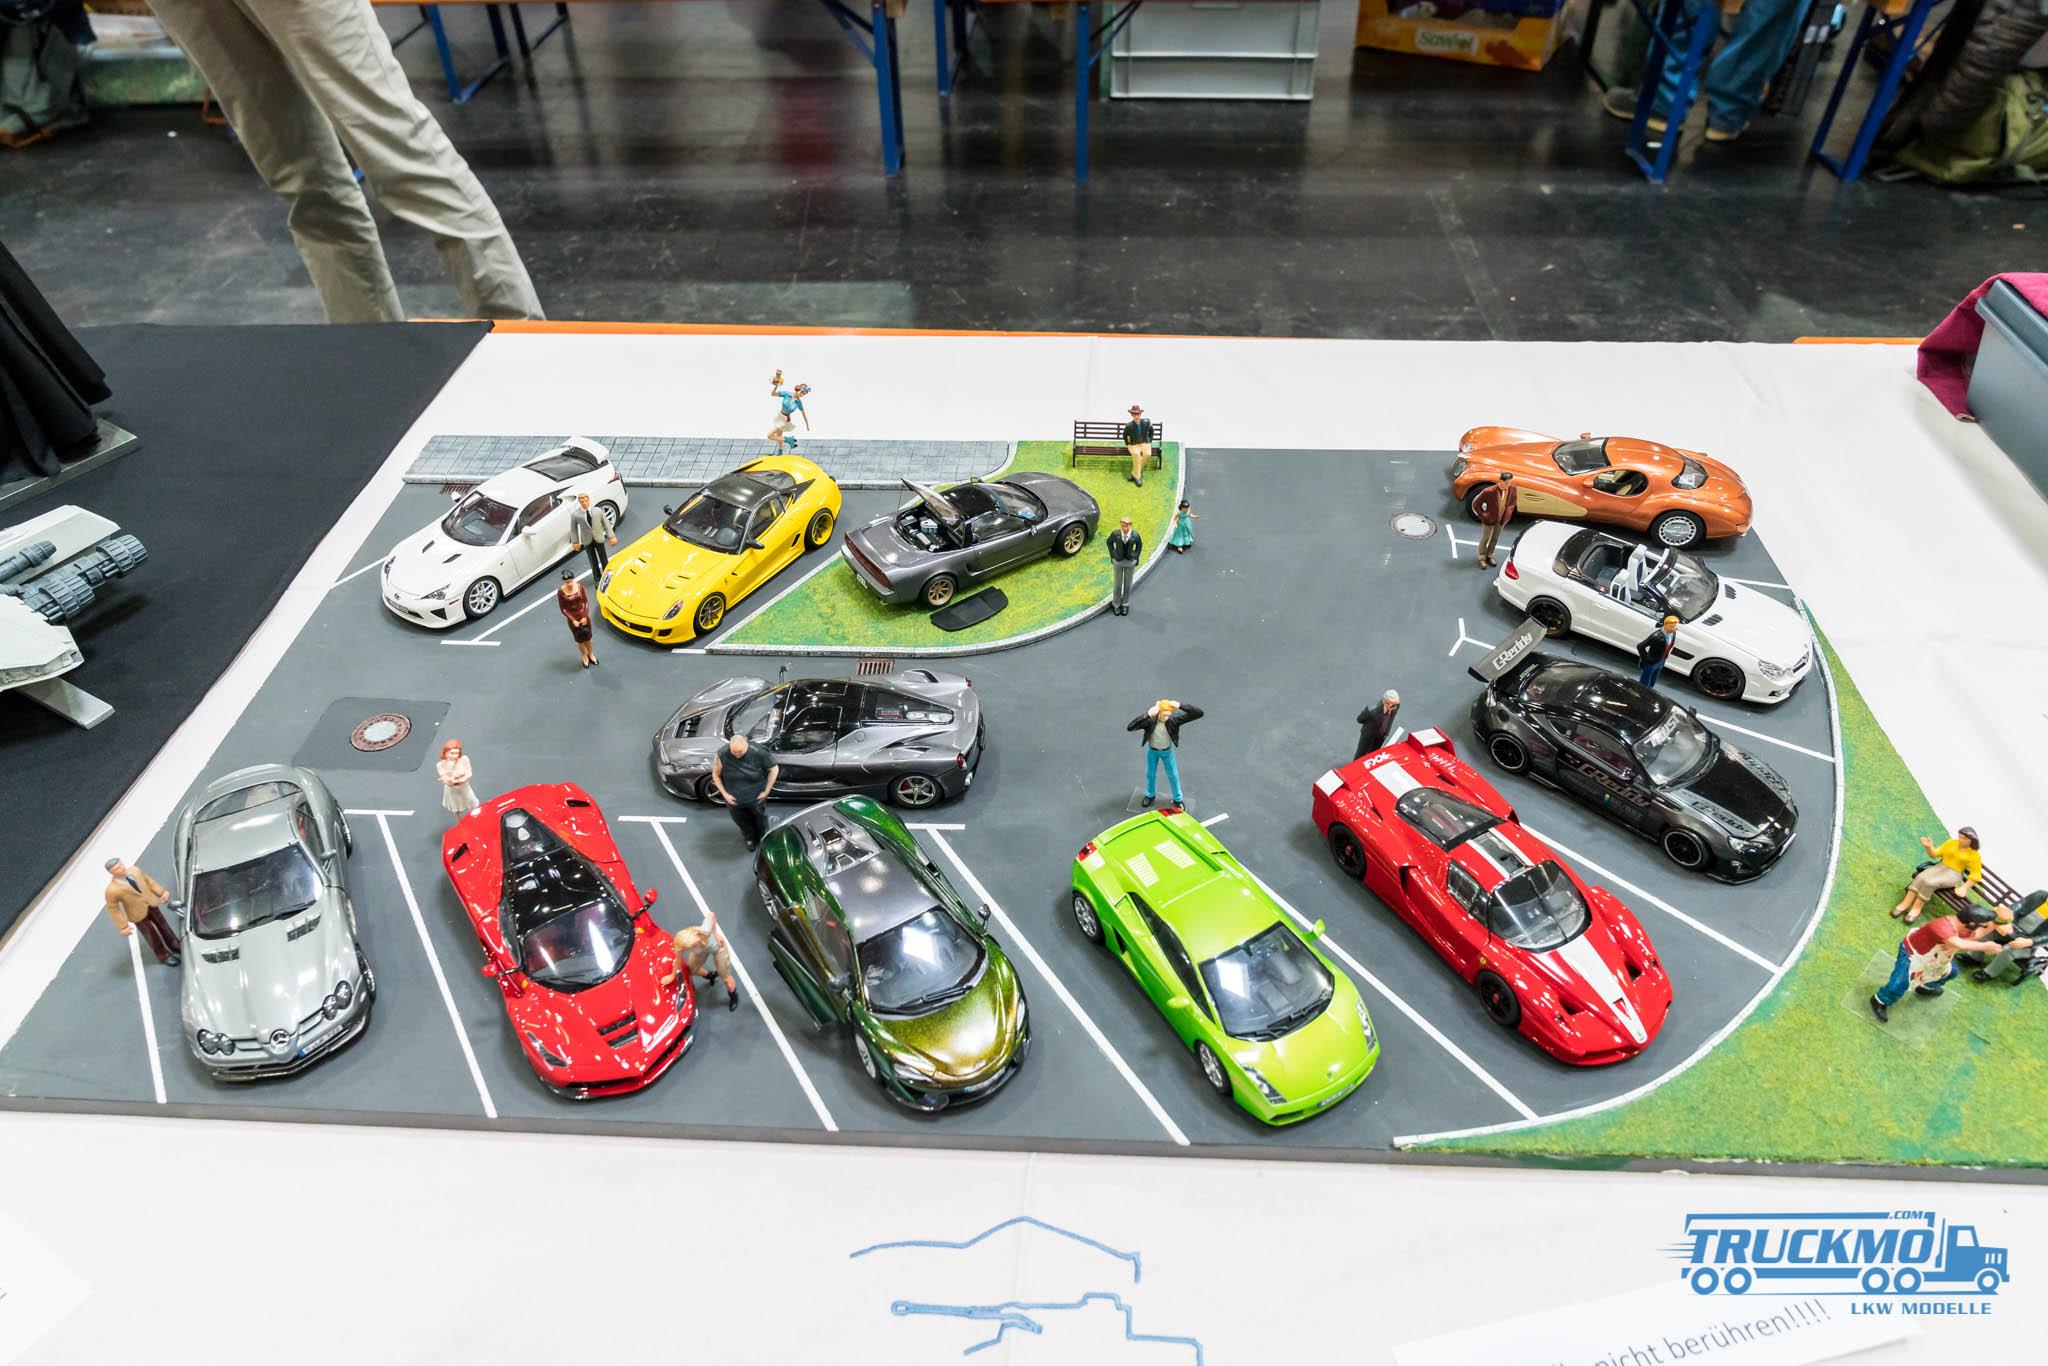 Truckmo_Modellbau_Ried_2017_Herpa_Messe_Modellbauausstellung (454 von 1177)